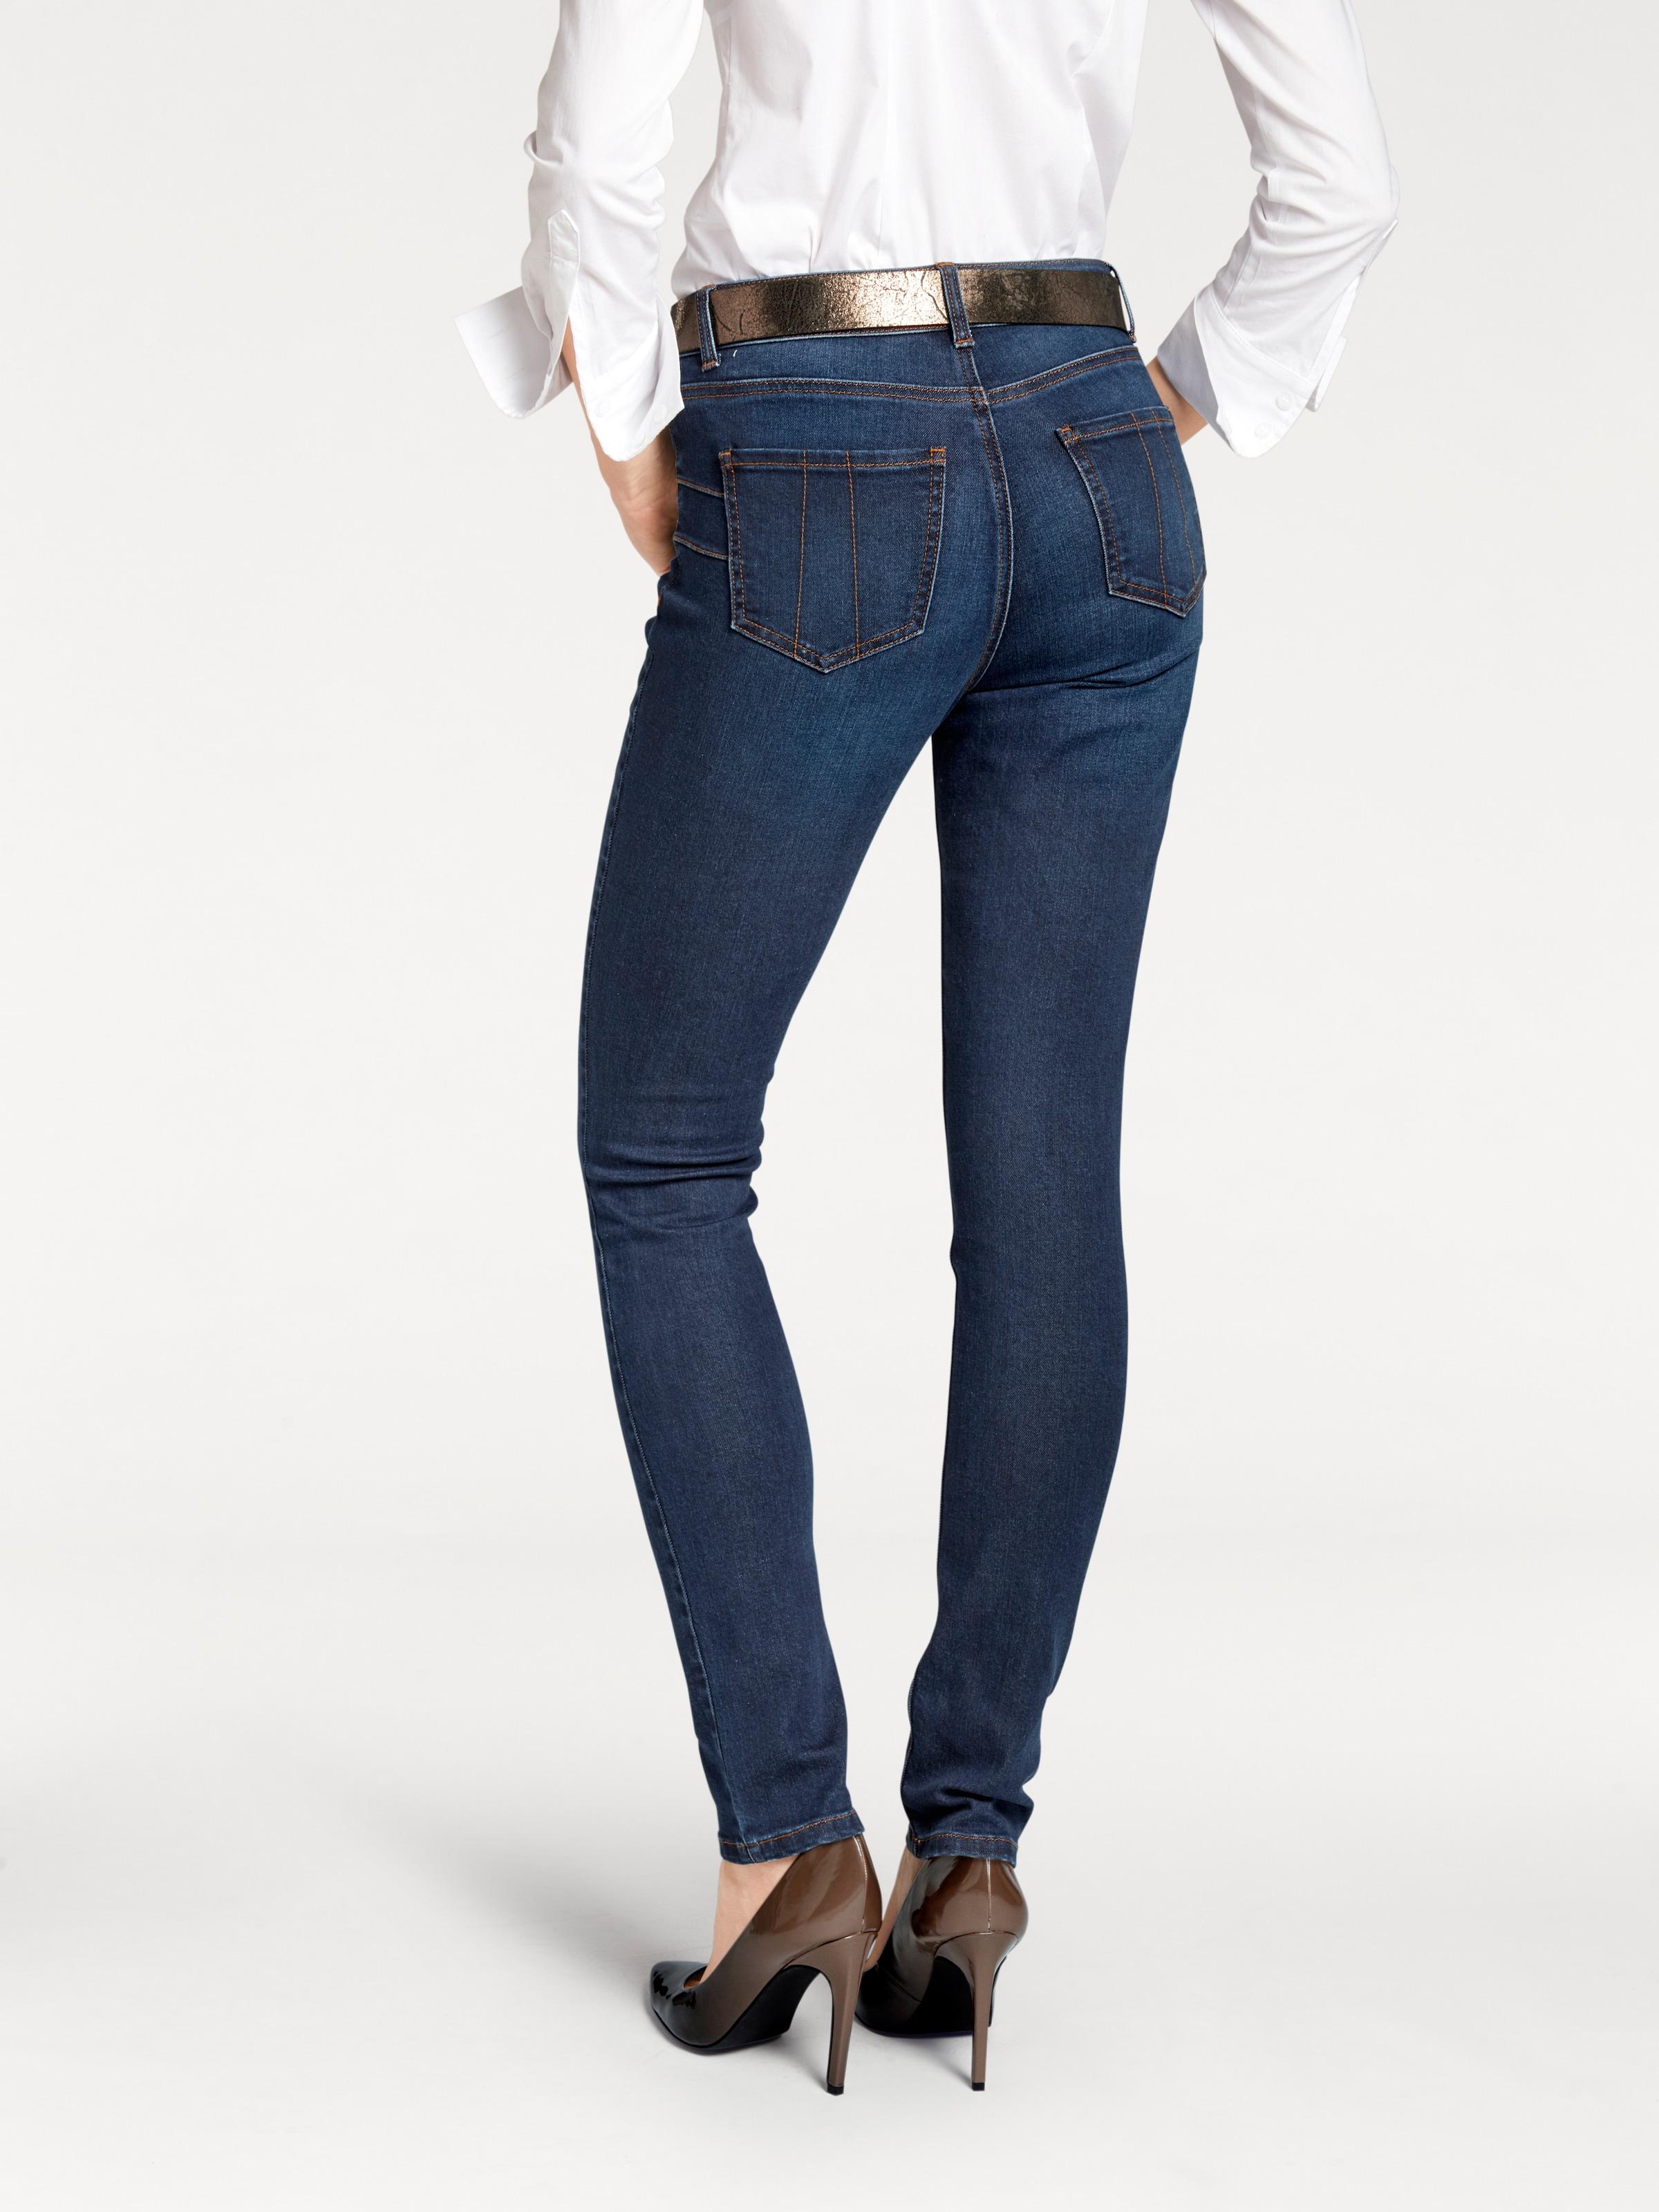 In Jeans Jeans Blue Heine Denim Denim Heine In Heine Jeans Blue N0wy8mvOn